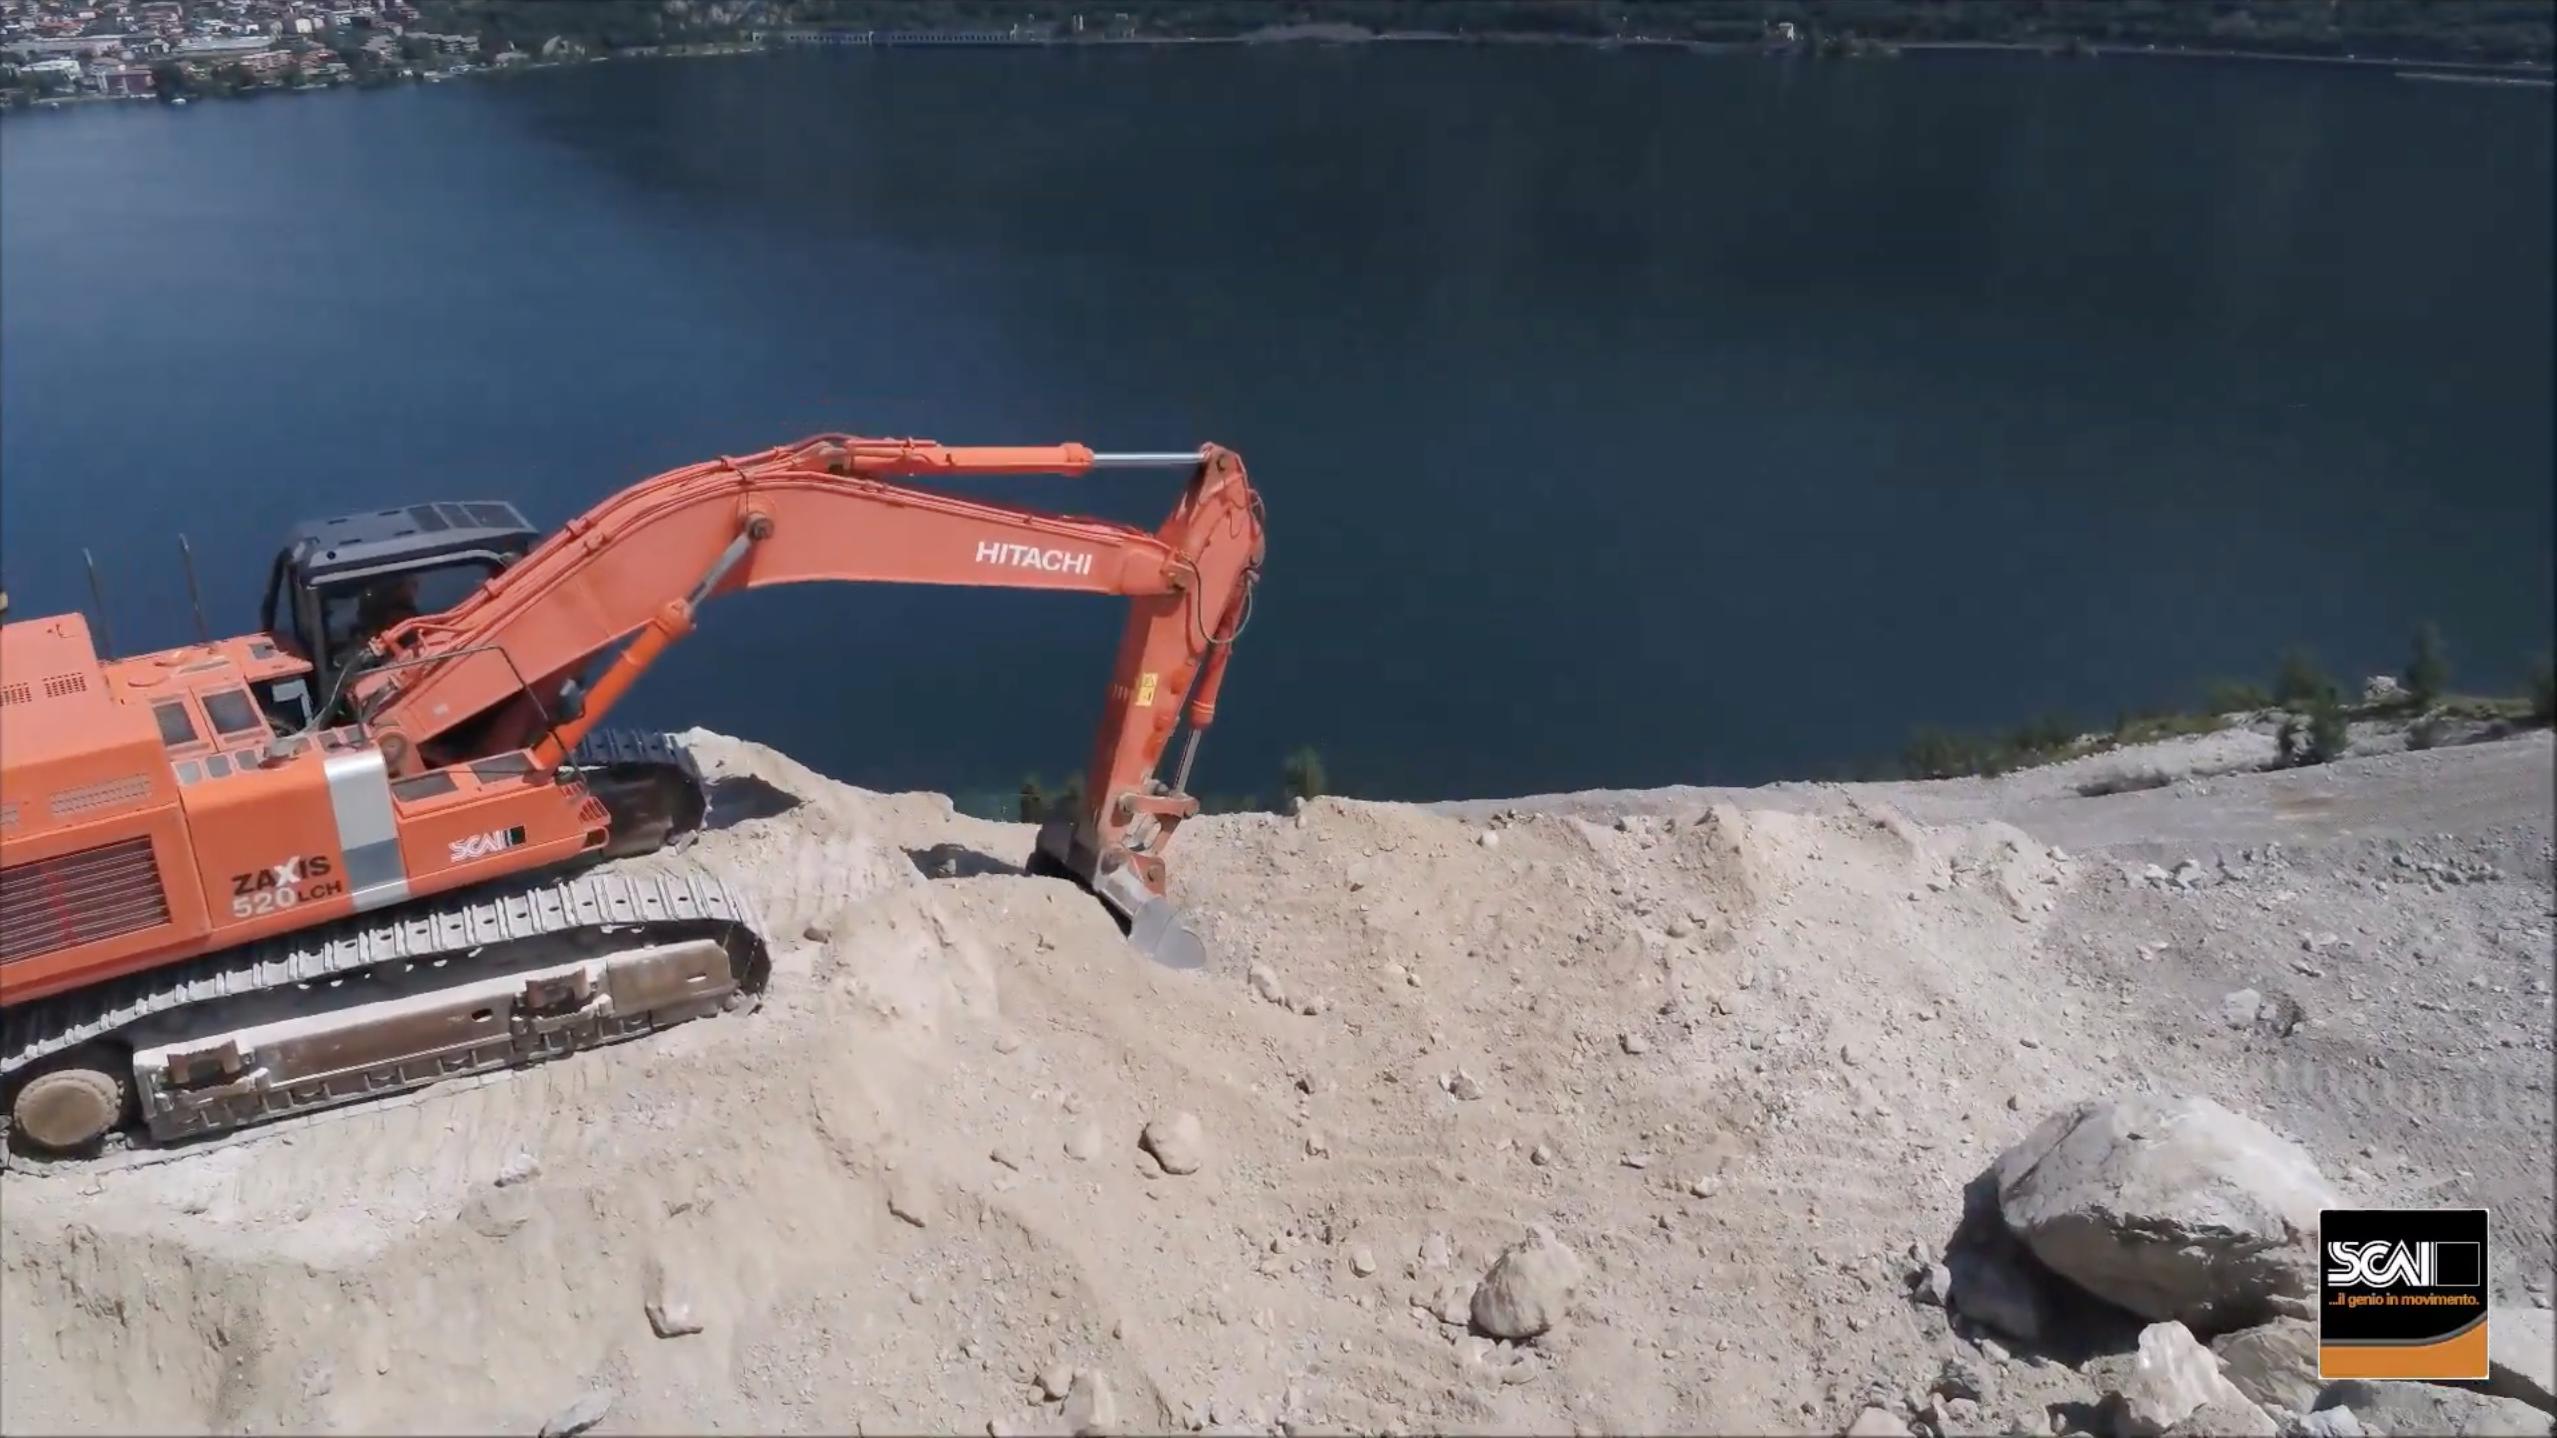 Viaggio nella Cava di Moregallo con Hitachi -  -Construction&Movimento Terra Notizie - MC5.0-Macchine Cantieri